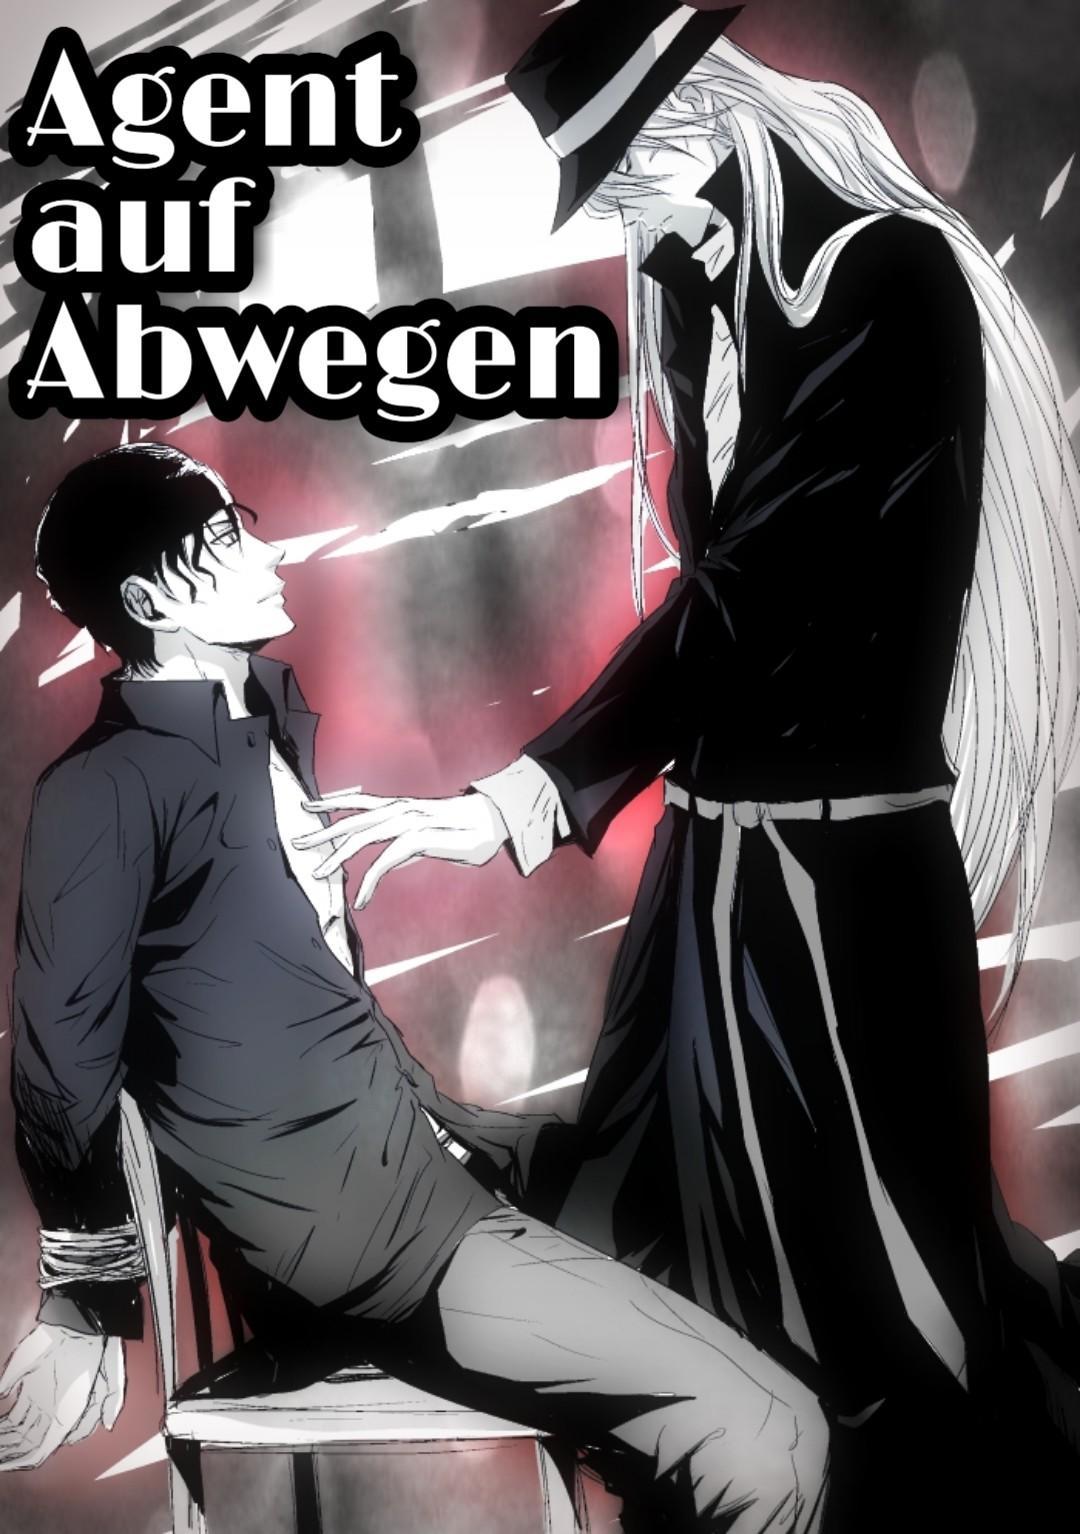 Shuichi Akai - Agent auf Abwegen - Fanfic von ginakai auf Animexx de